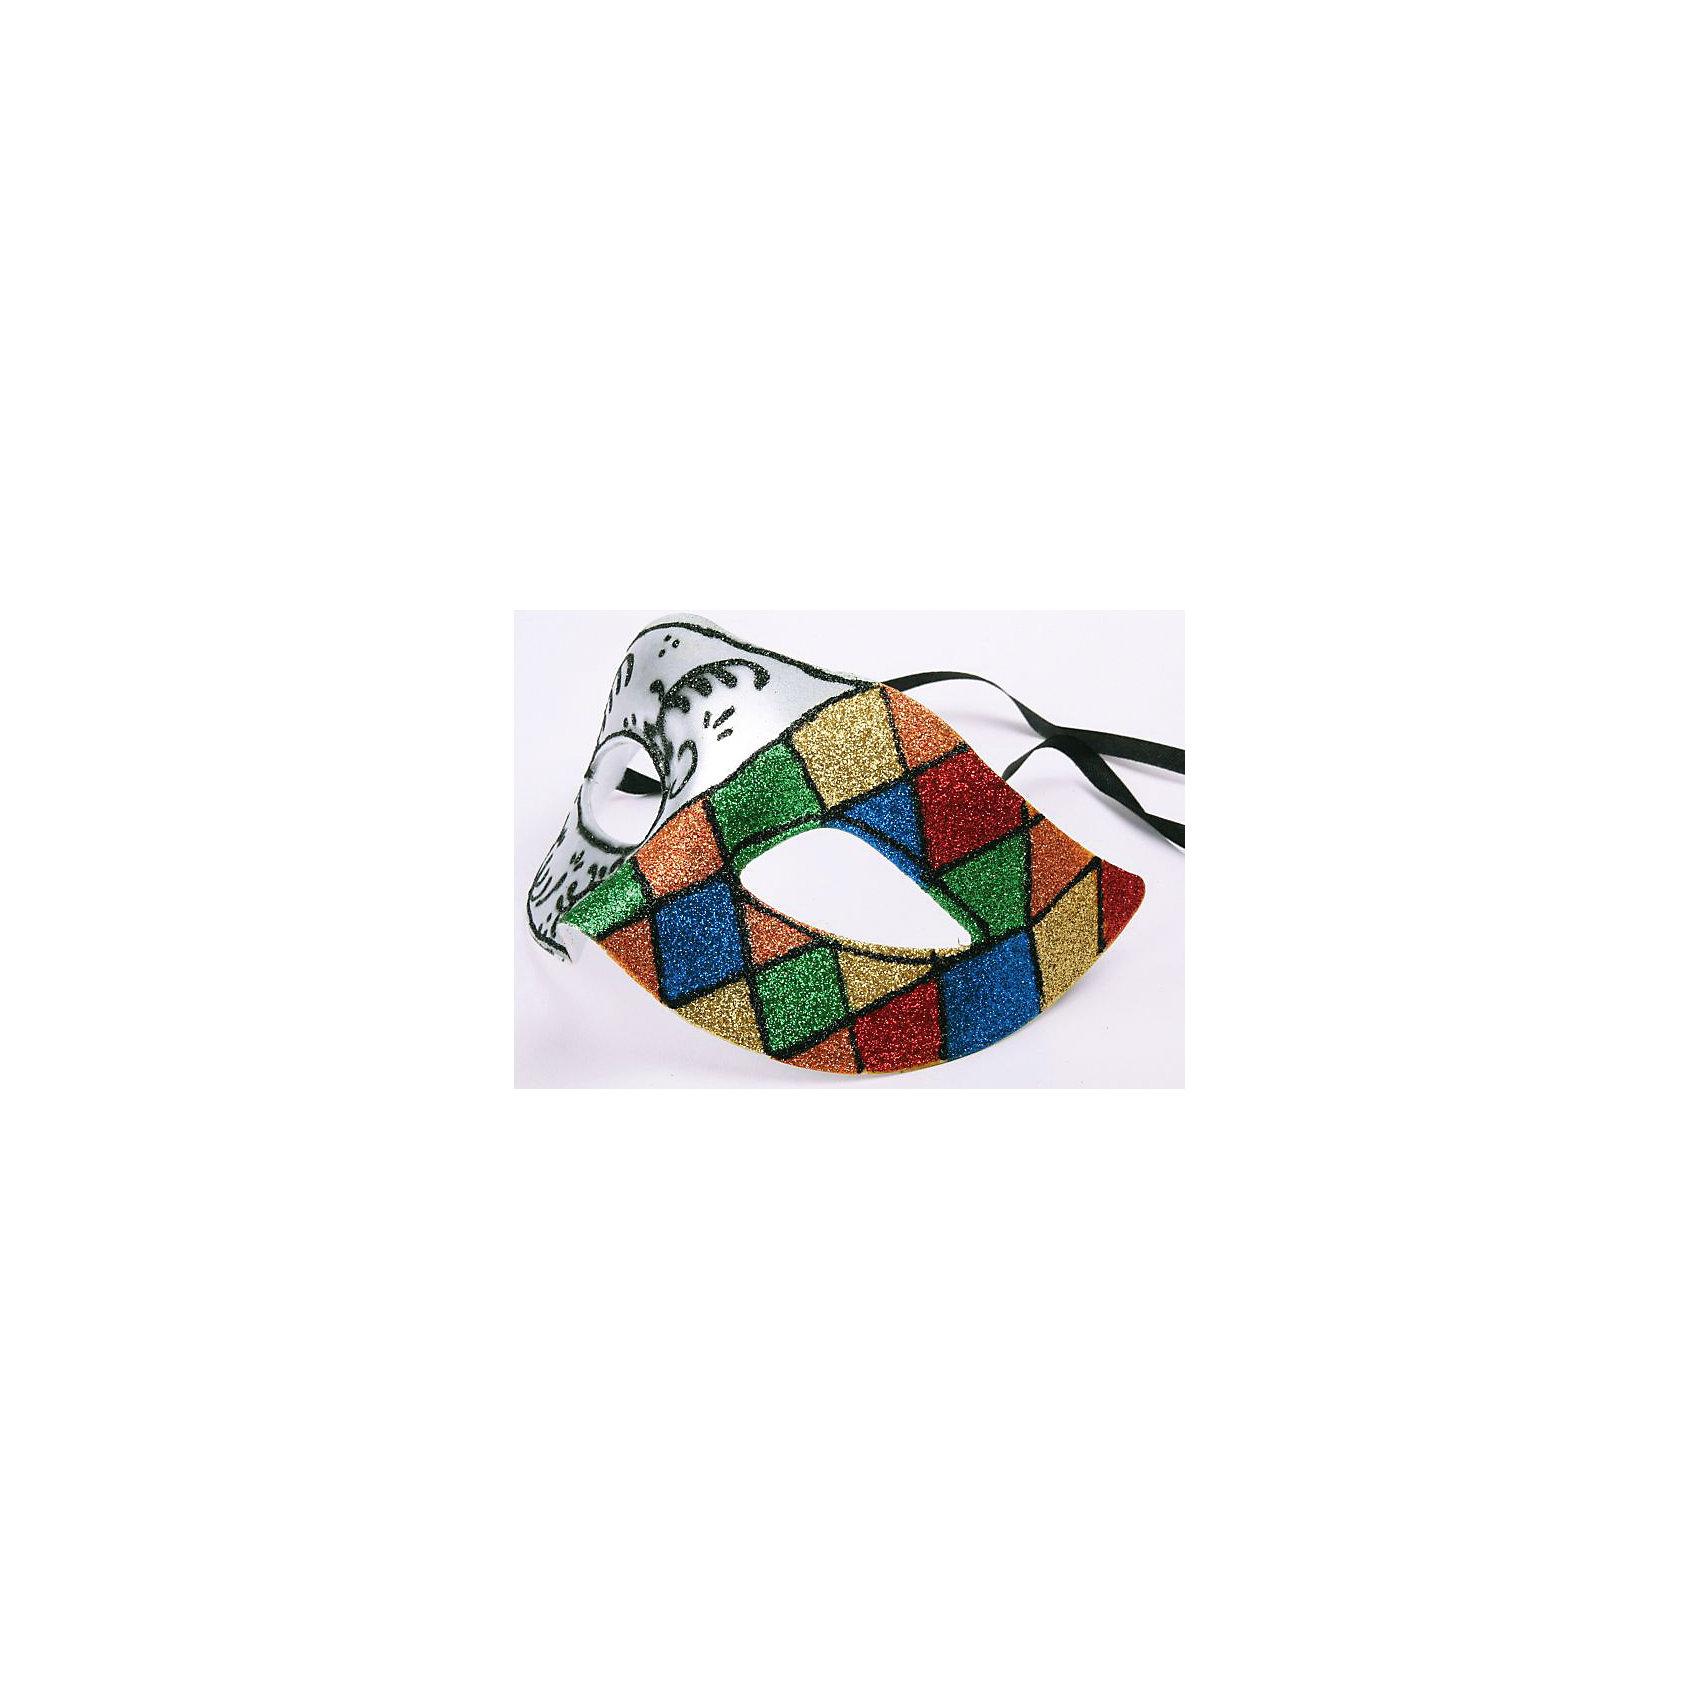 Карнавальная маска Арлекин ЧБКарнавальная маска Арлекин ЧБ – это возможность превратить праздник в необычное, яркое шоу.<br>Карнавальная маска Арлекин ЧБ изготовленная из пластика и украшенная глиттером, внесет нотку задора и веселья в праздник. Одна половина маски цветная, украшена изображением ромбов, вторая - черно-белая, декорирована витыми узорами. Маска станет завершающим штрихом в создании праздничного образа. Изделие крепится на голове при помощи атласной ленты.<br><br>Дополнительная информация:<br><br>- Размер: 15,5 х 10,5 х 7,5 см.<br>- Материал: пластик<br><br>Карнавальную маску Арлекин ЧБ можно купить в нашем интернет-магазине.<br><br>Ширина мм: 115<br>Глубина мм: 105<br>Высота мм: 75<br>Вес г: 20<br>Возраст от месяцев: 36<br>Возраст до месяцев: 1188<br>Пол: Мужской<br>Возраст: Детский<br>SKU: 4280648